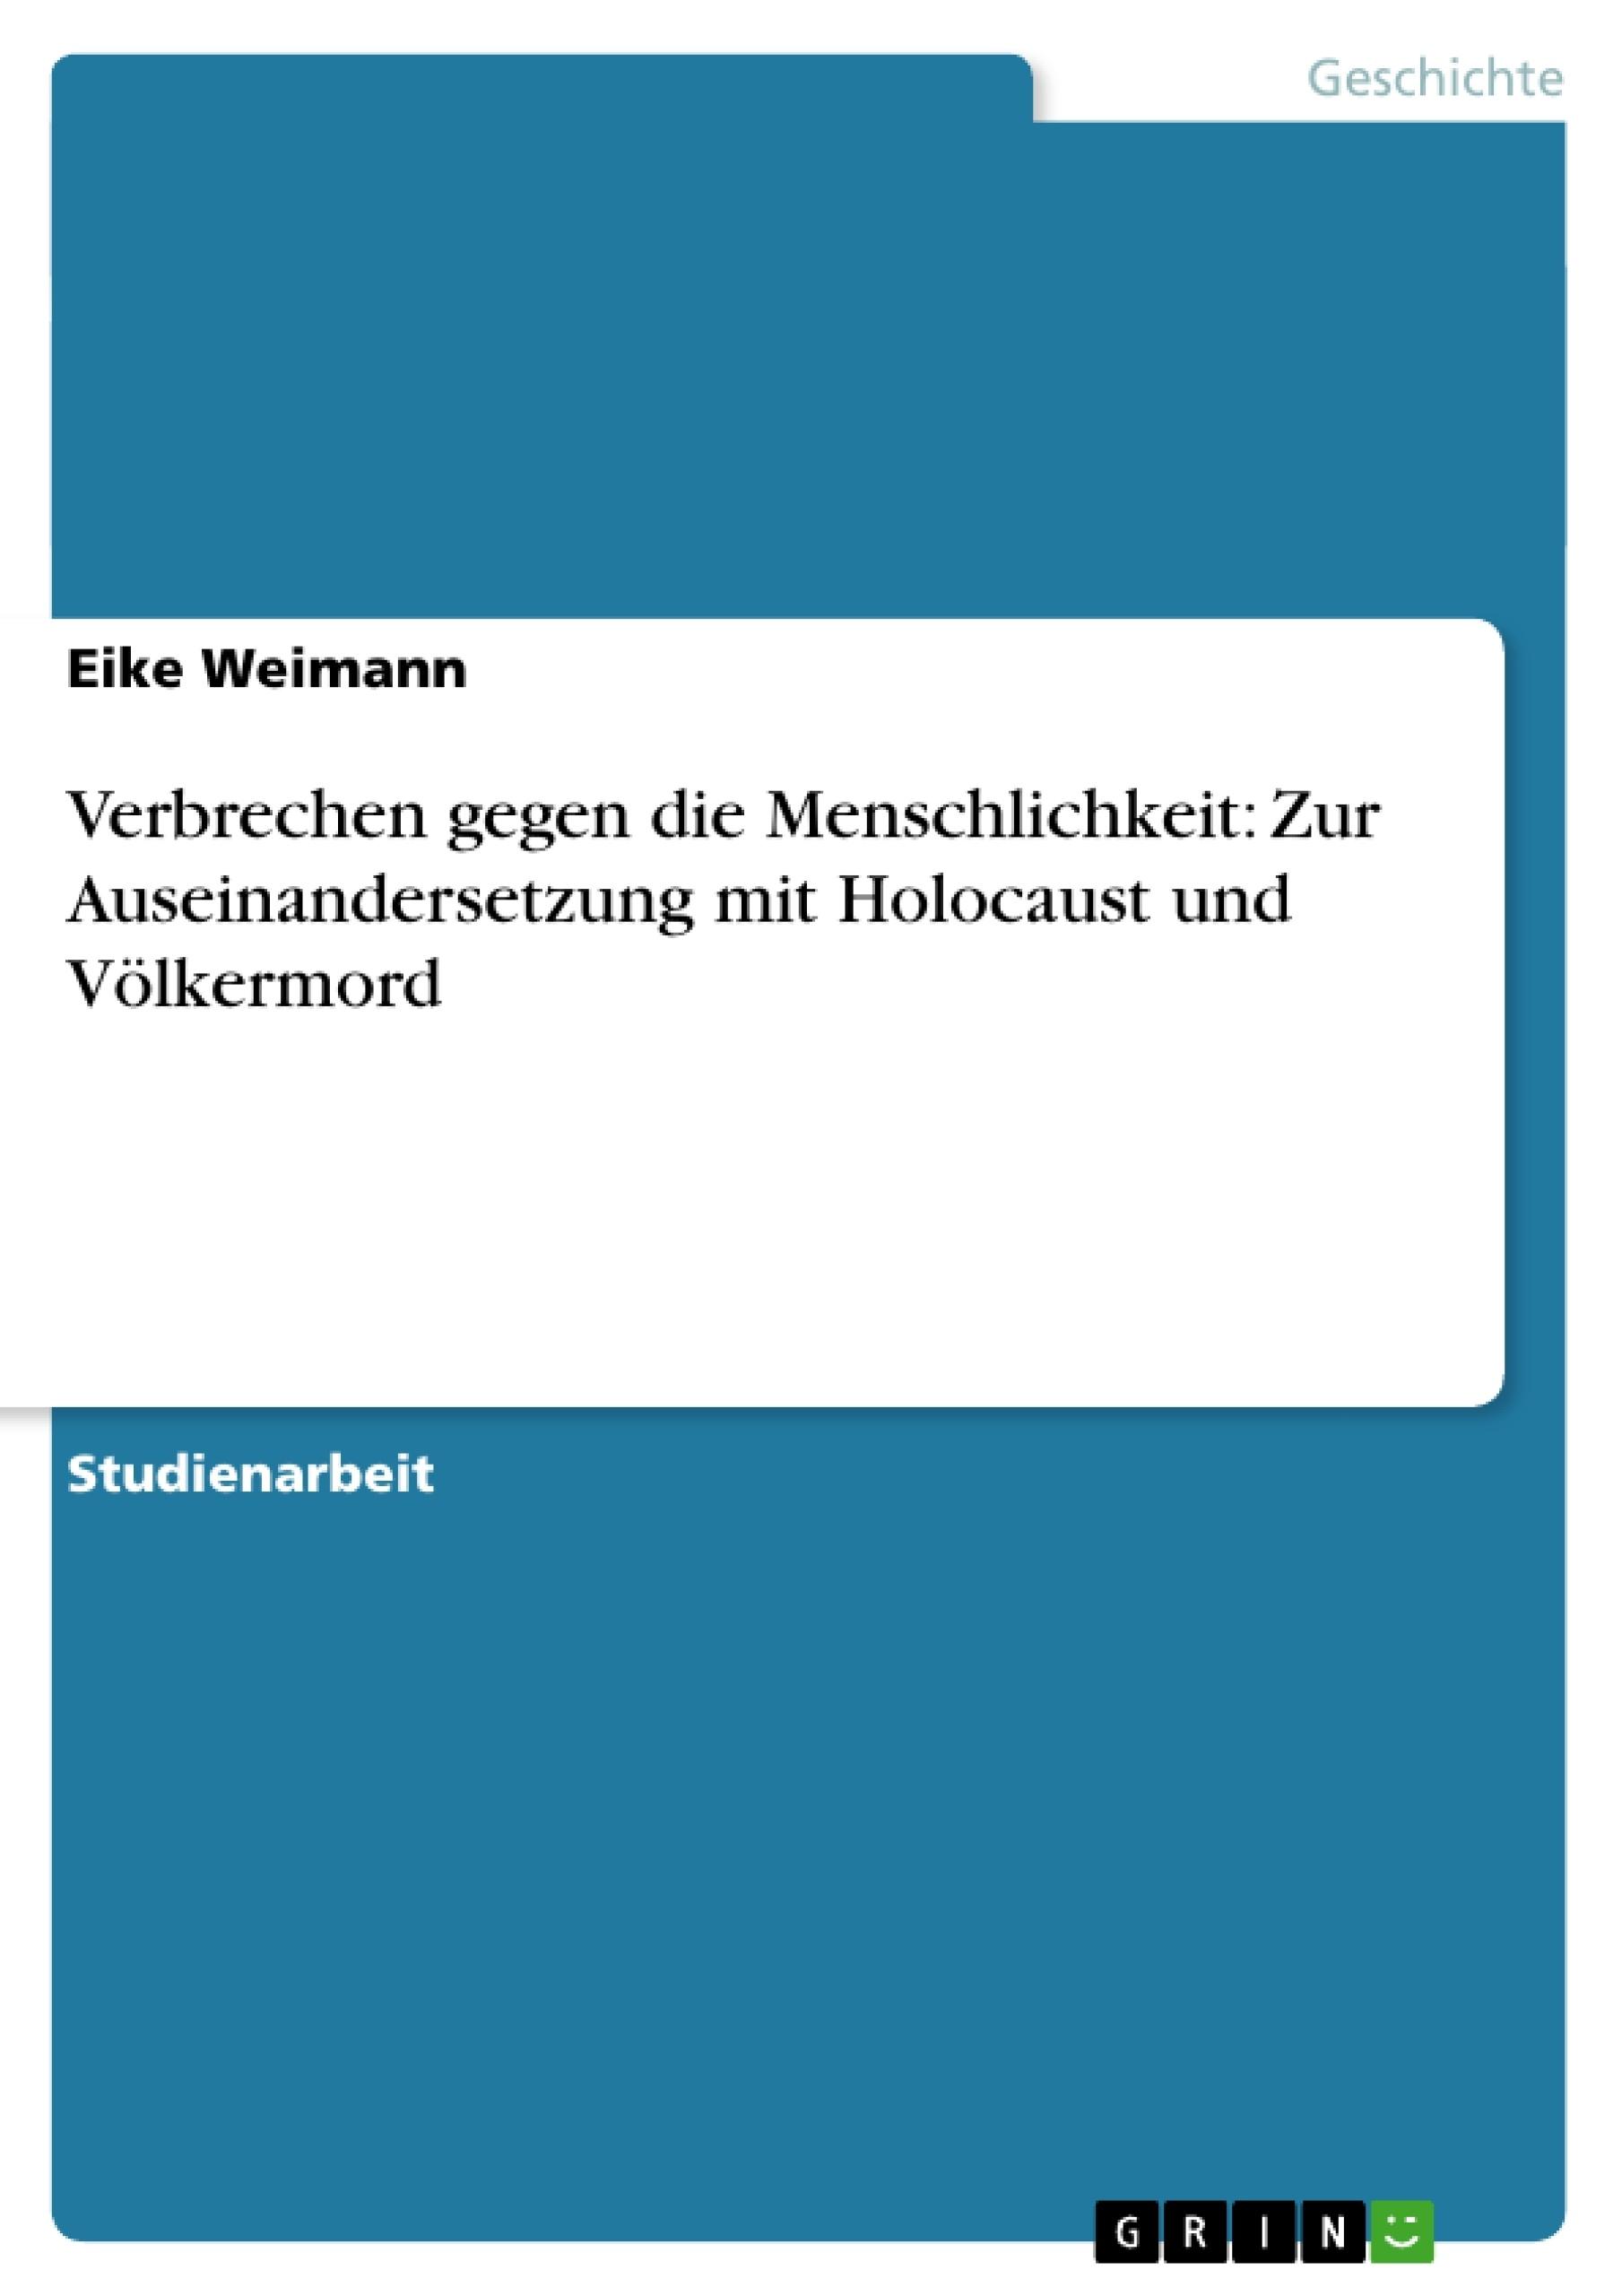 Titel: Verbrechen gegen die Menschlichkeit: Zur Auseinandersetzung mit Holocaust und Völkermord